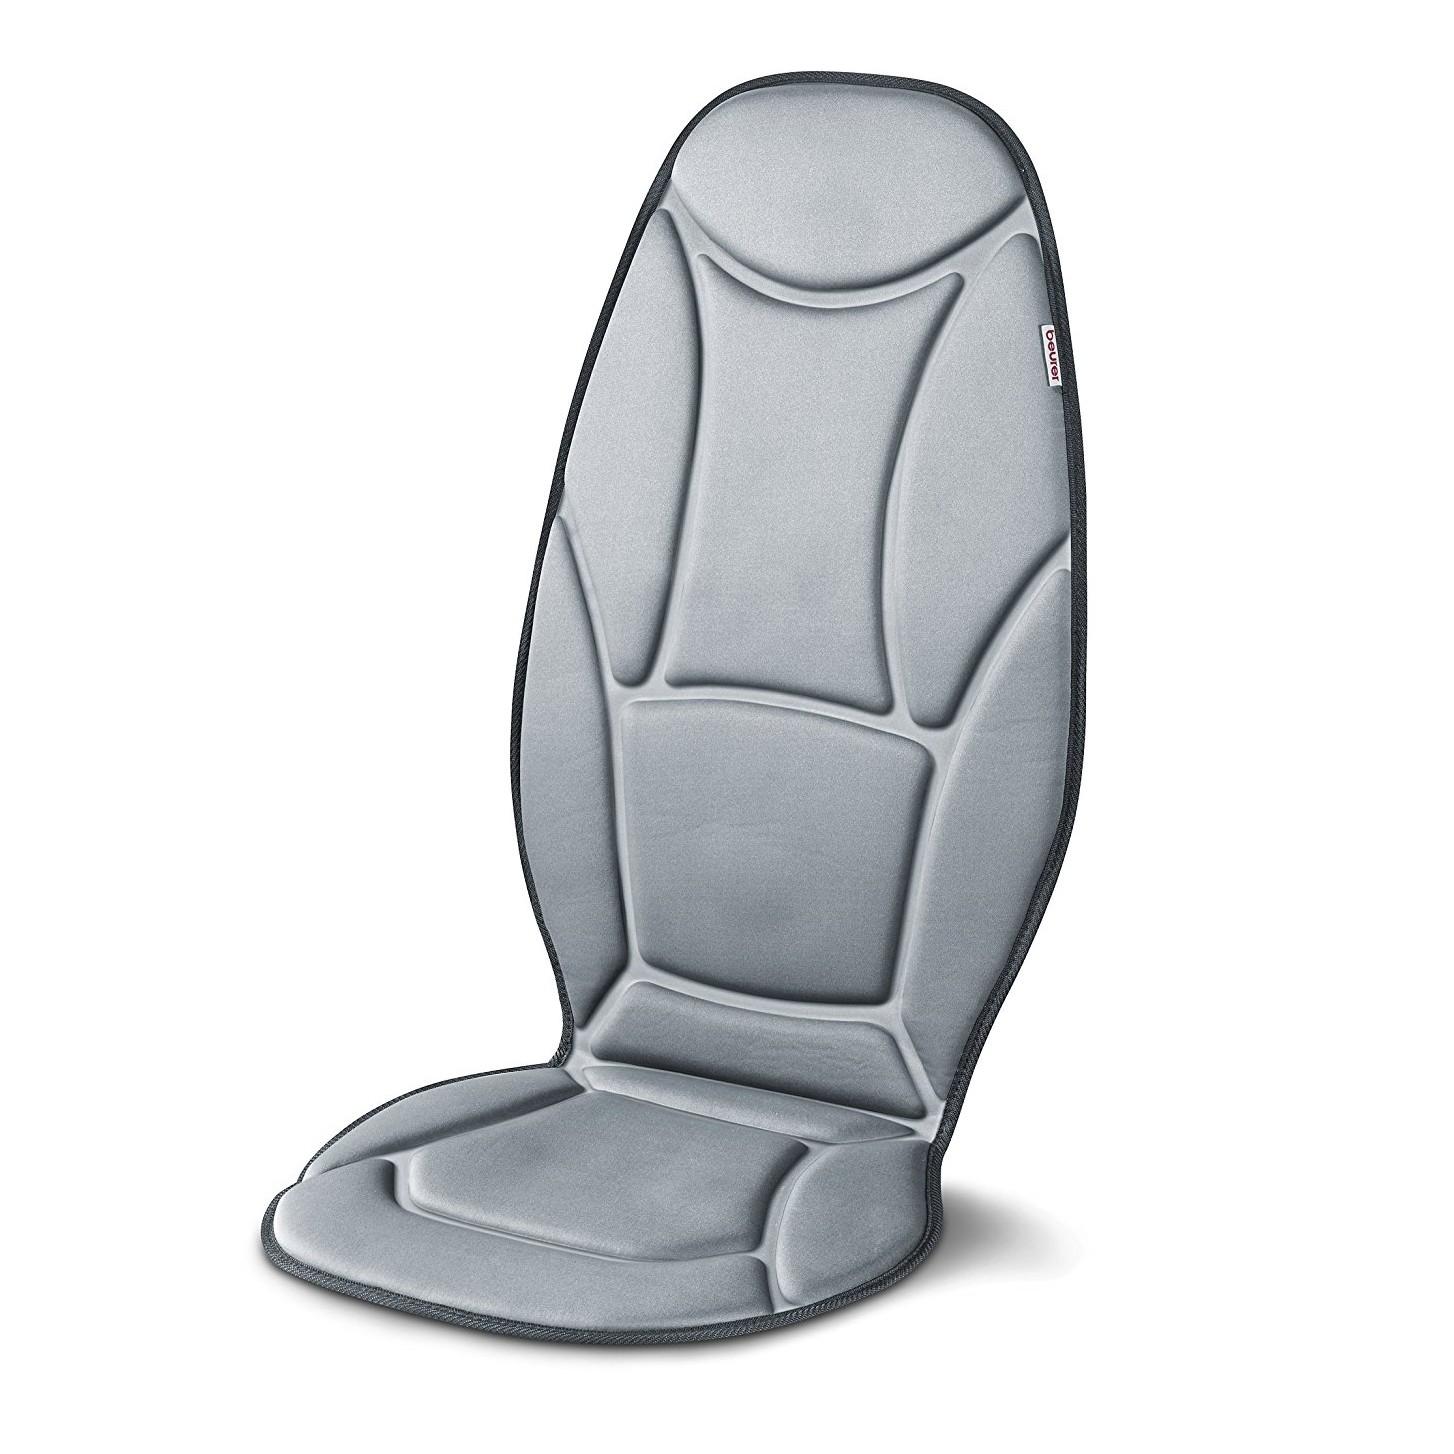 Comparatif des meilleurs fauteuils massant chauffant pas cher bureau - Meilleur fauteuil massant ...